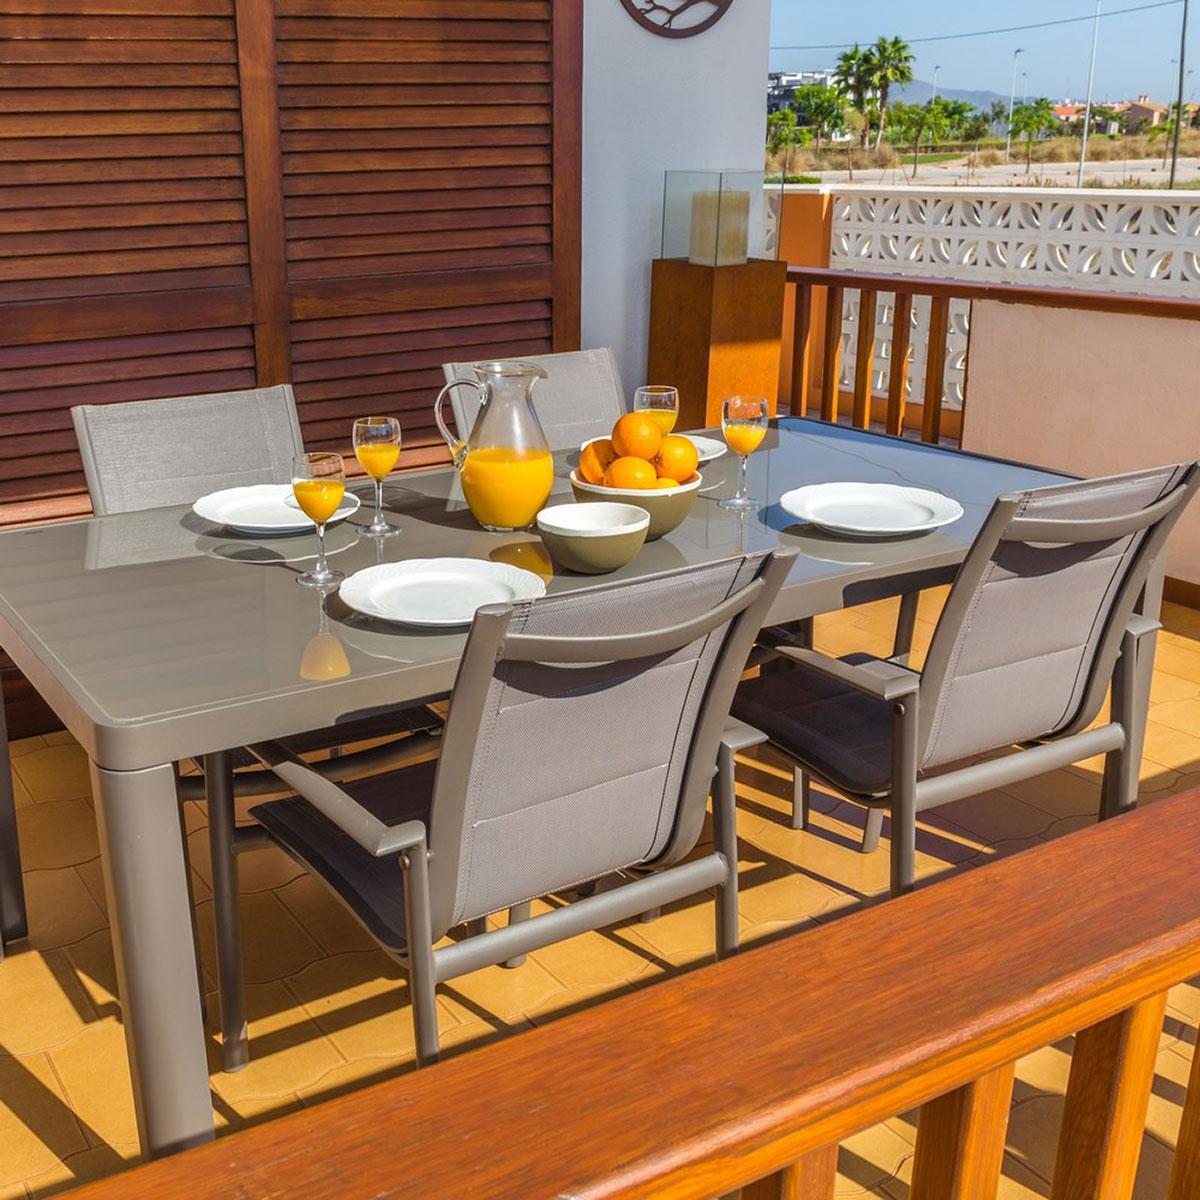 Table à manger rectangulaire en aluminium - Gris - 180.00 cm x 90.00 cm x 75.00 cm